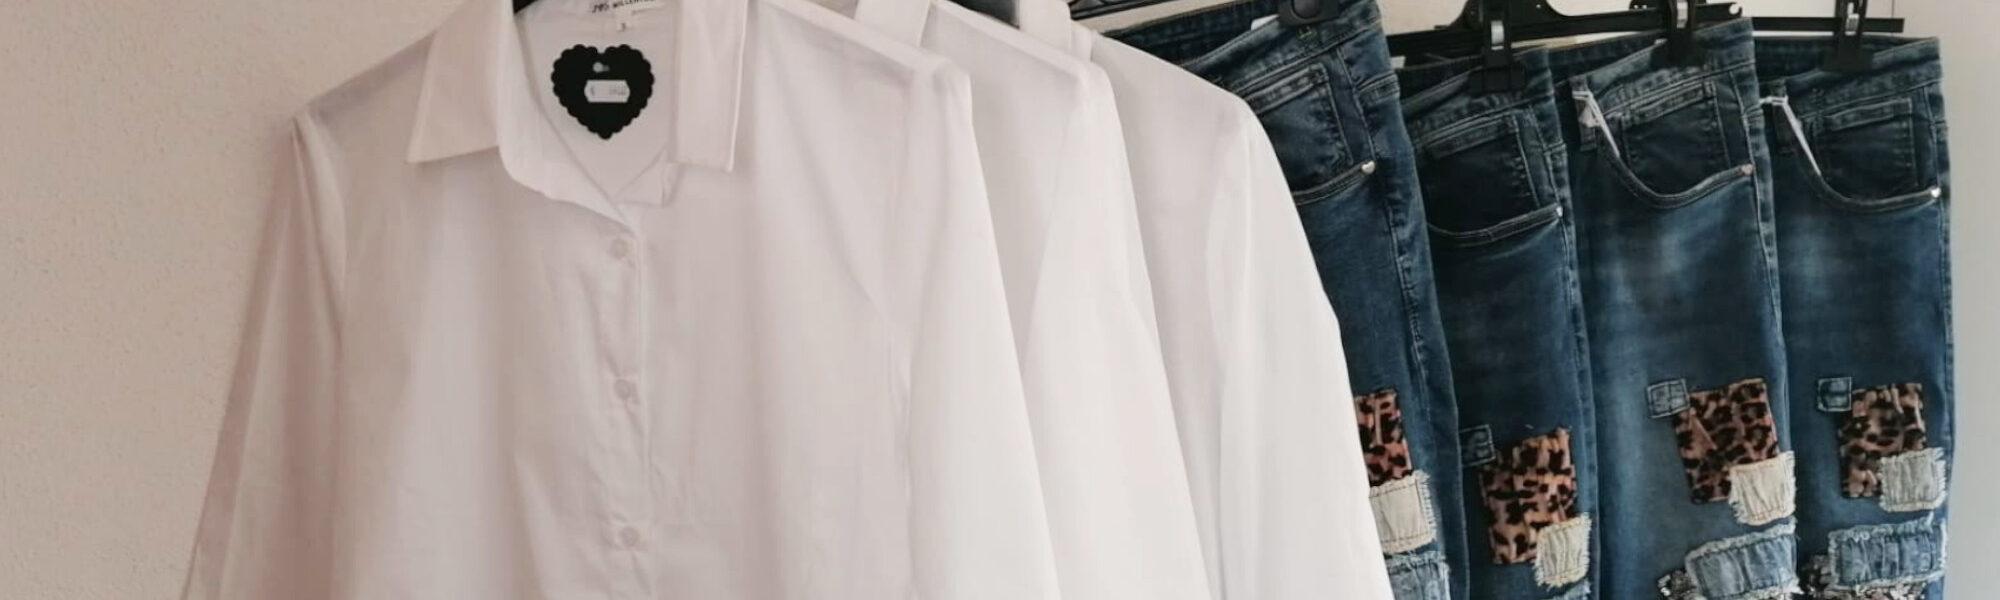 Mode Moos Kleidung